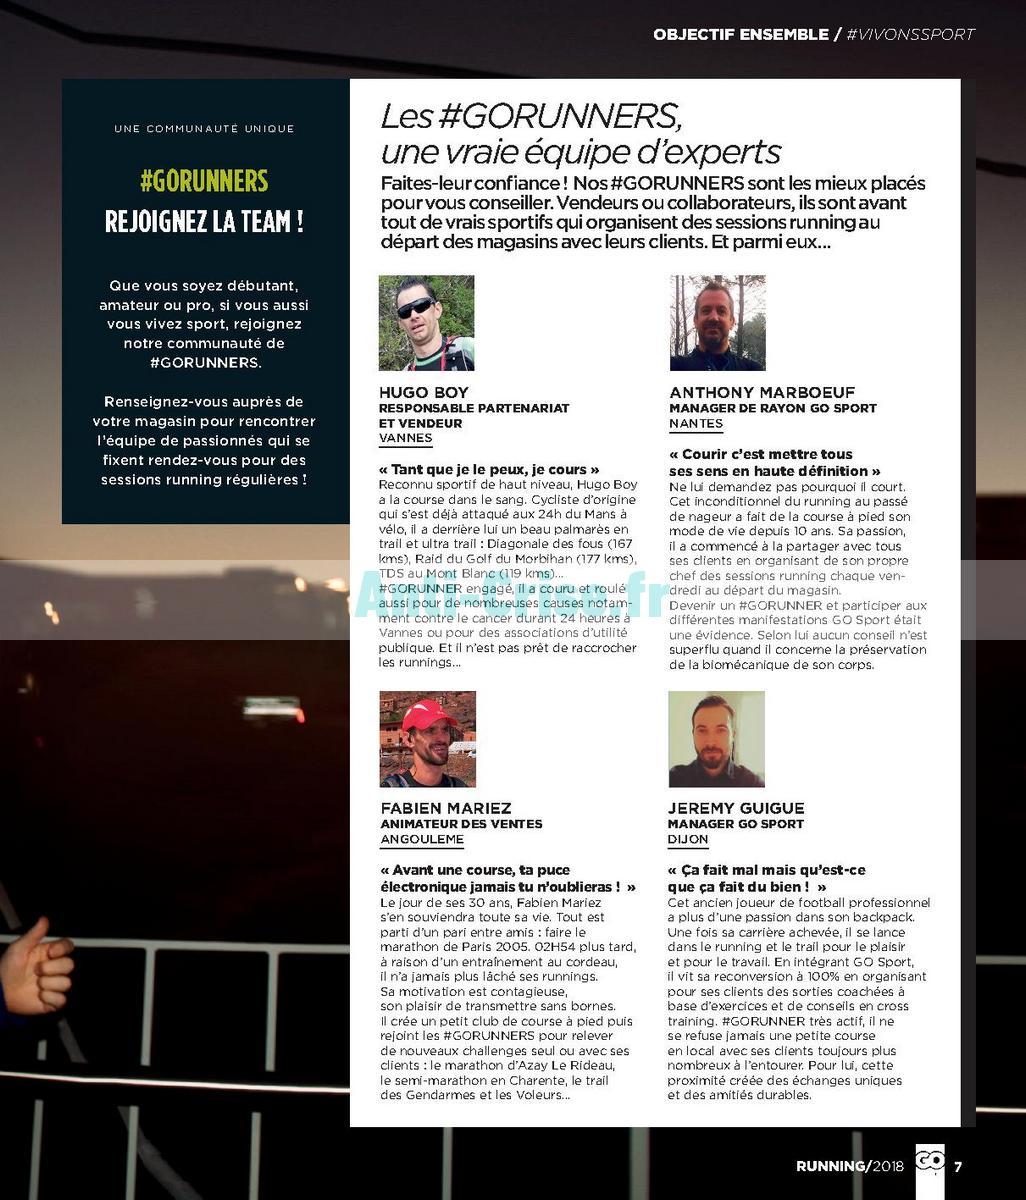 septembre2018 Catalogue Go Sport du 28 avril au 21 septembre 2018 (Running) (7)